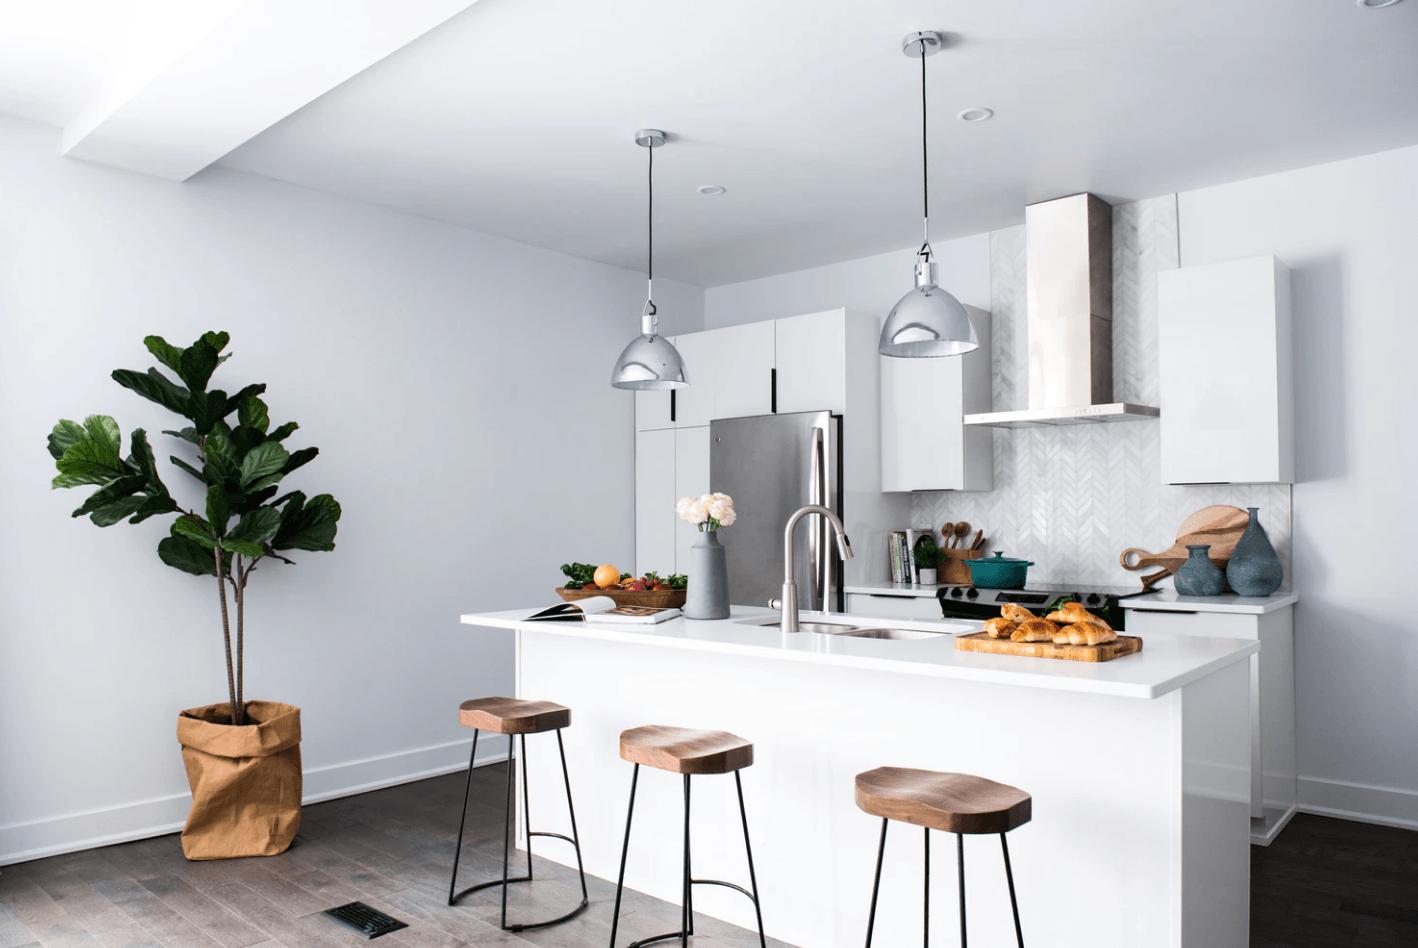 Comprar un piso o alquilar ¿Qué es mejor en el 2019?